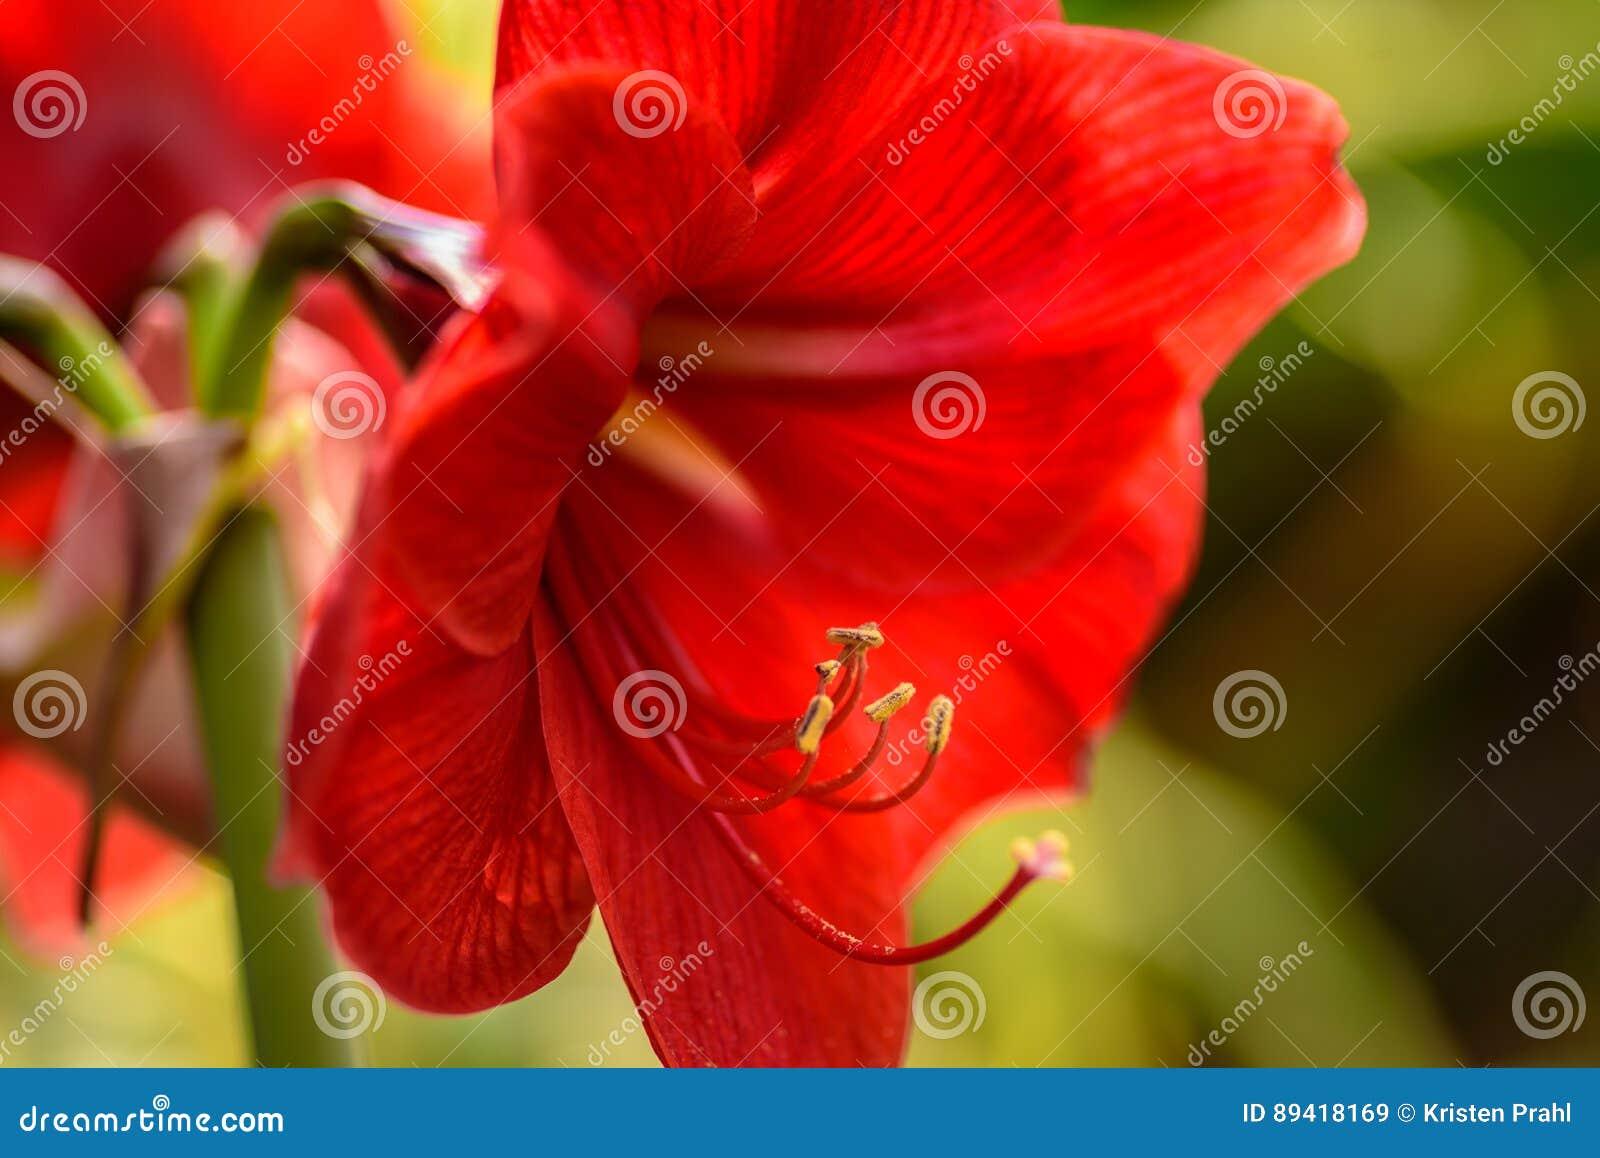 Flor vermelha da amarílis na luz solar